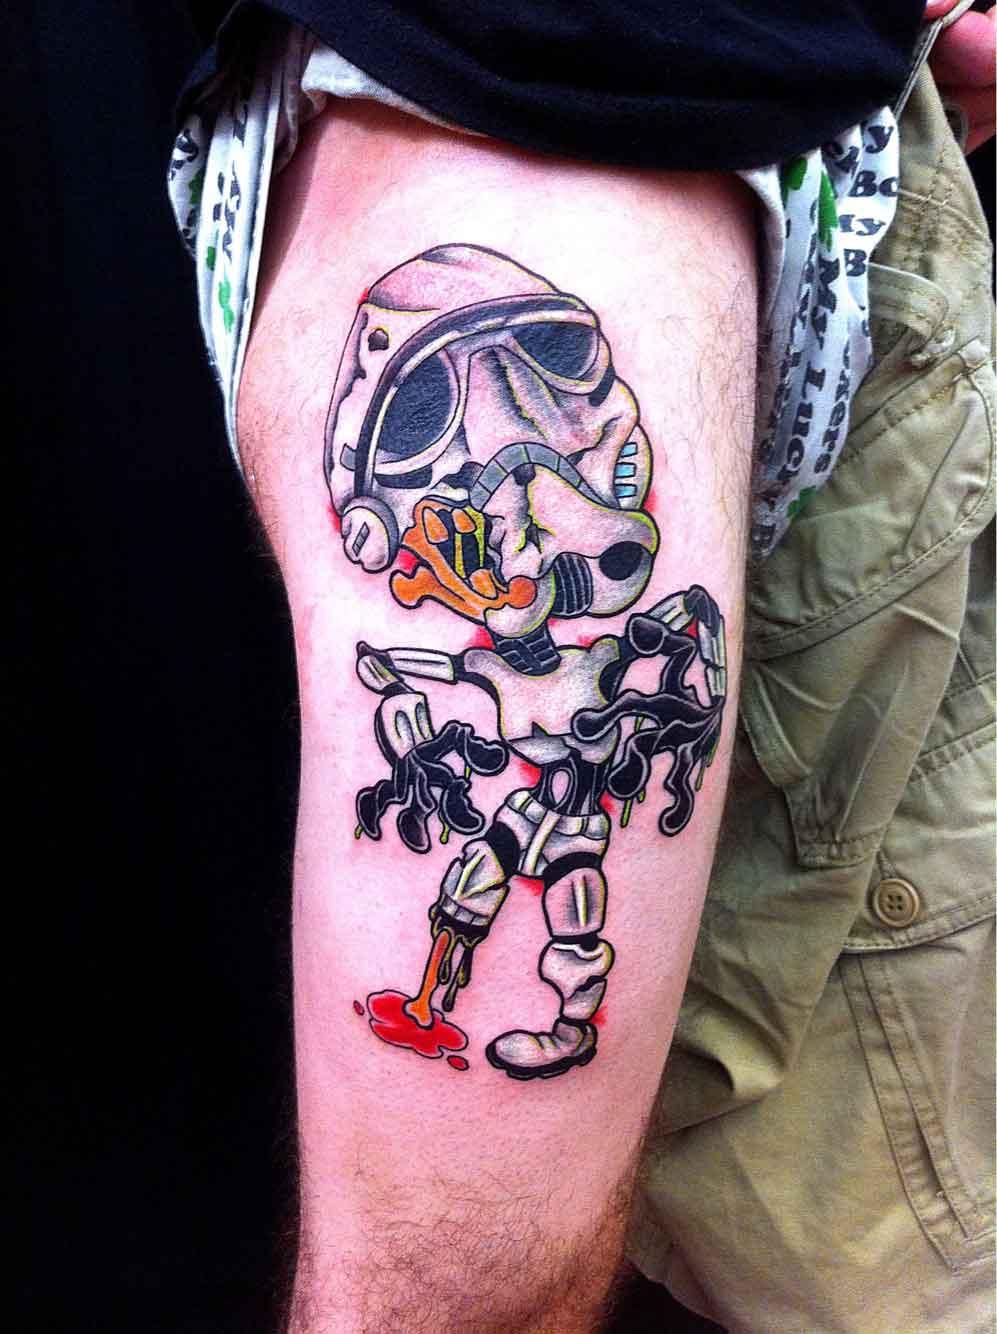 cartoon-zombie-stormtrooper-Star-Wars-tattoo